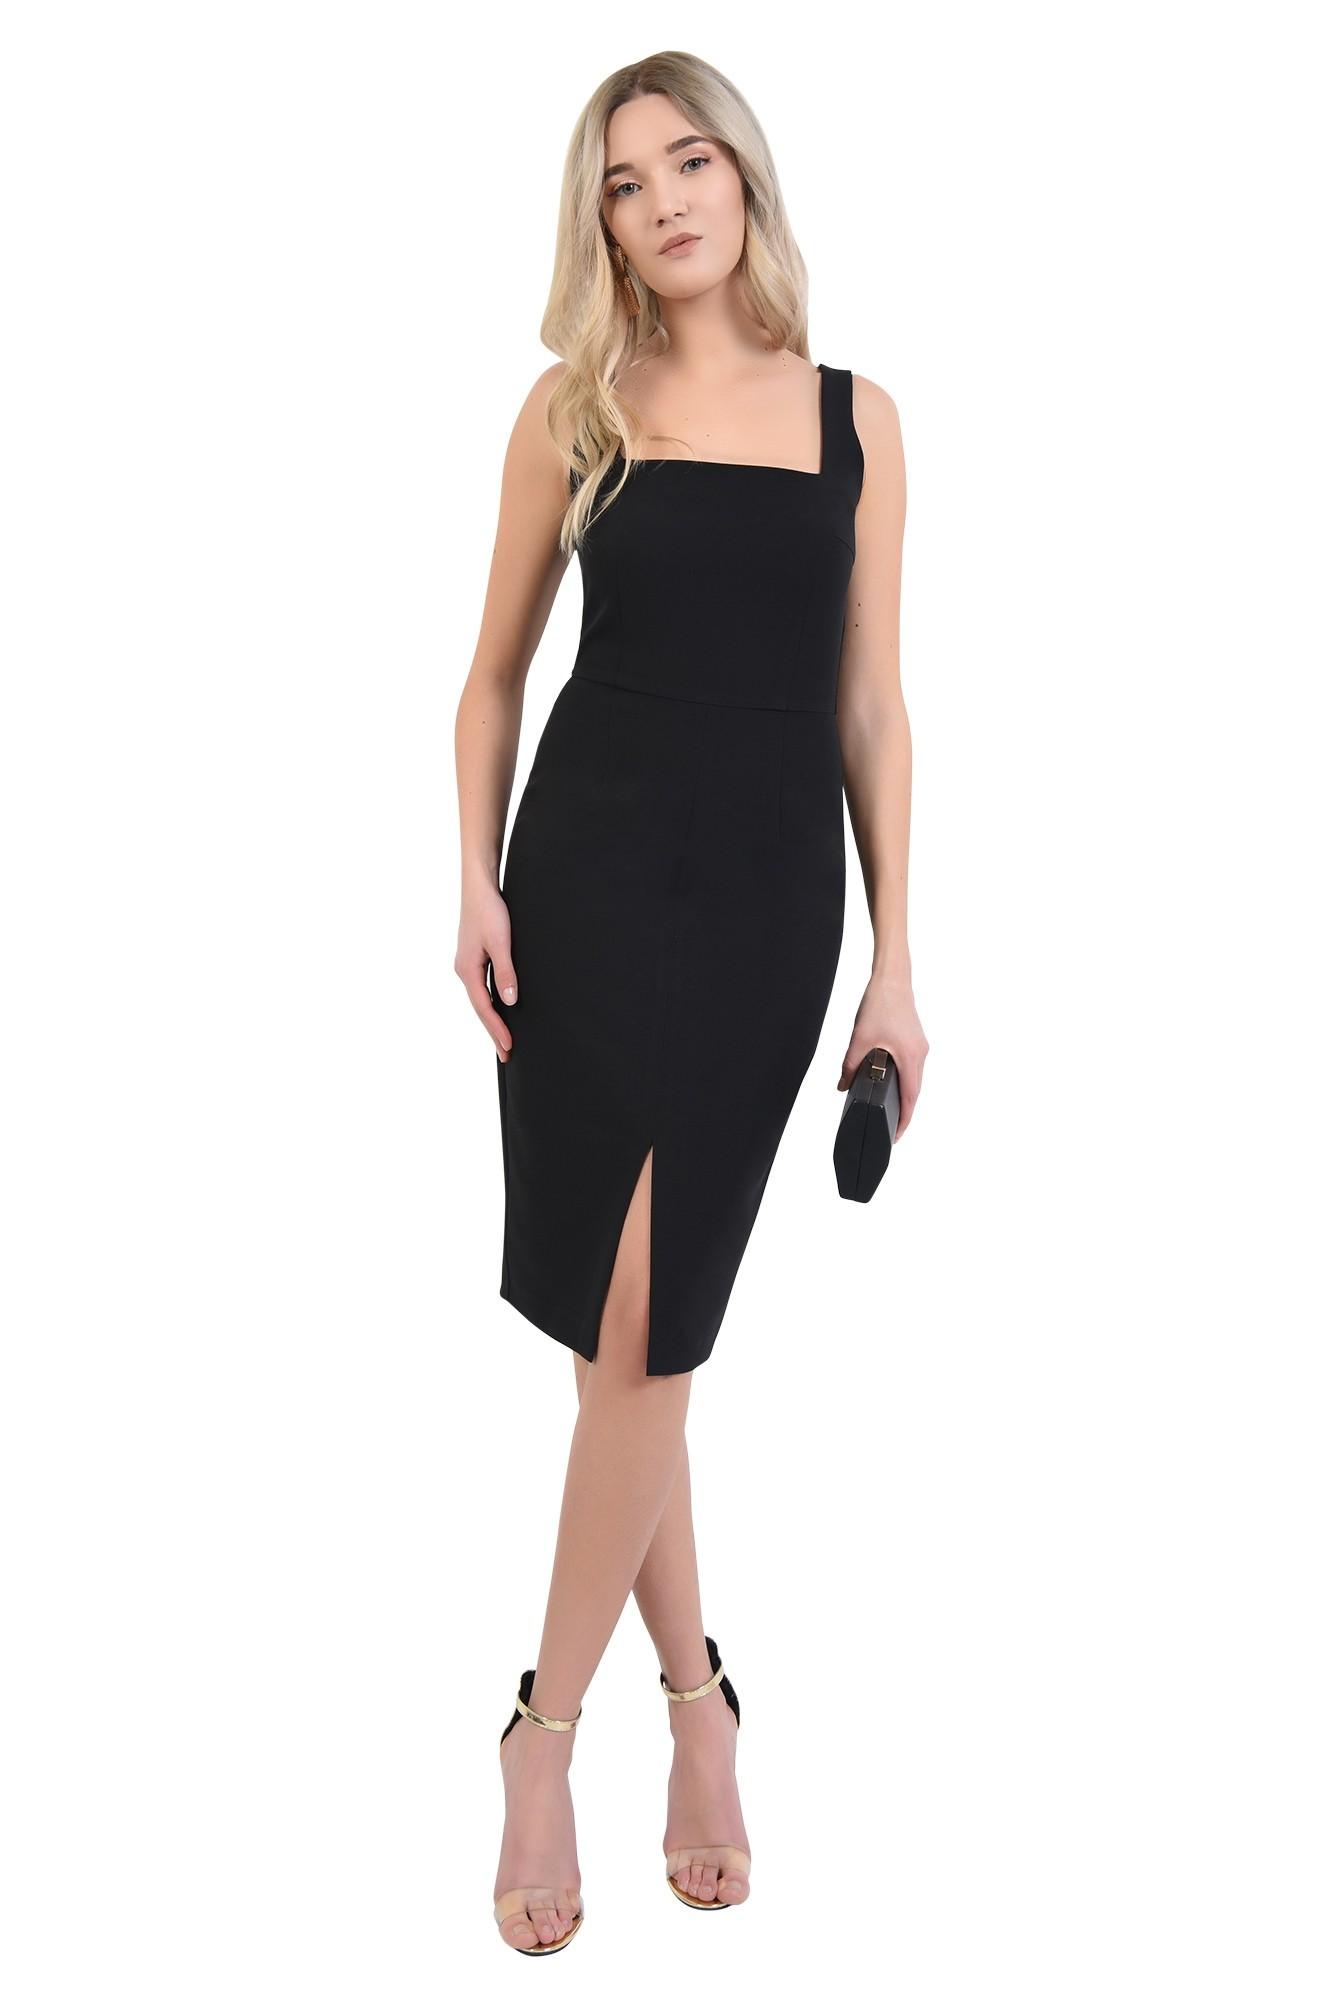 3 - 360 - rochie neagra, de seara, cu crapeu, cusatura in talie